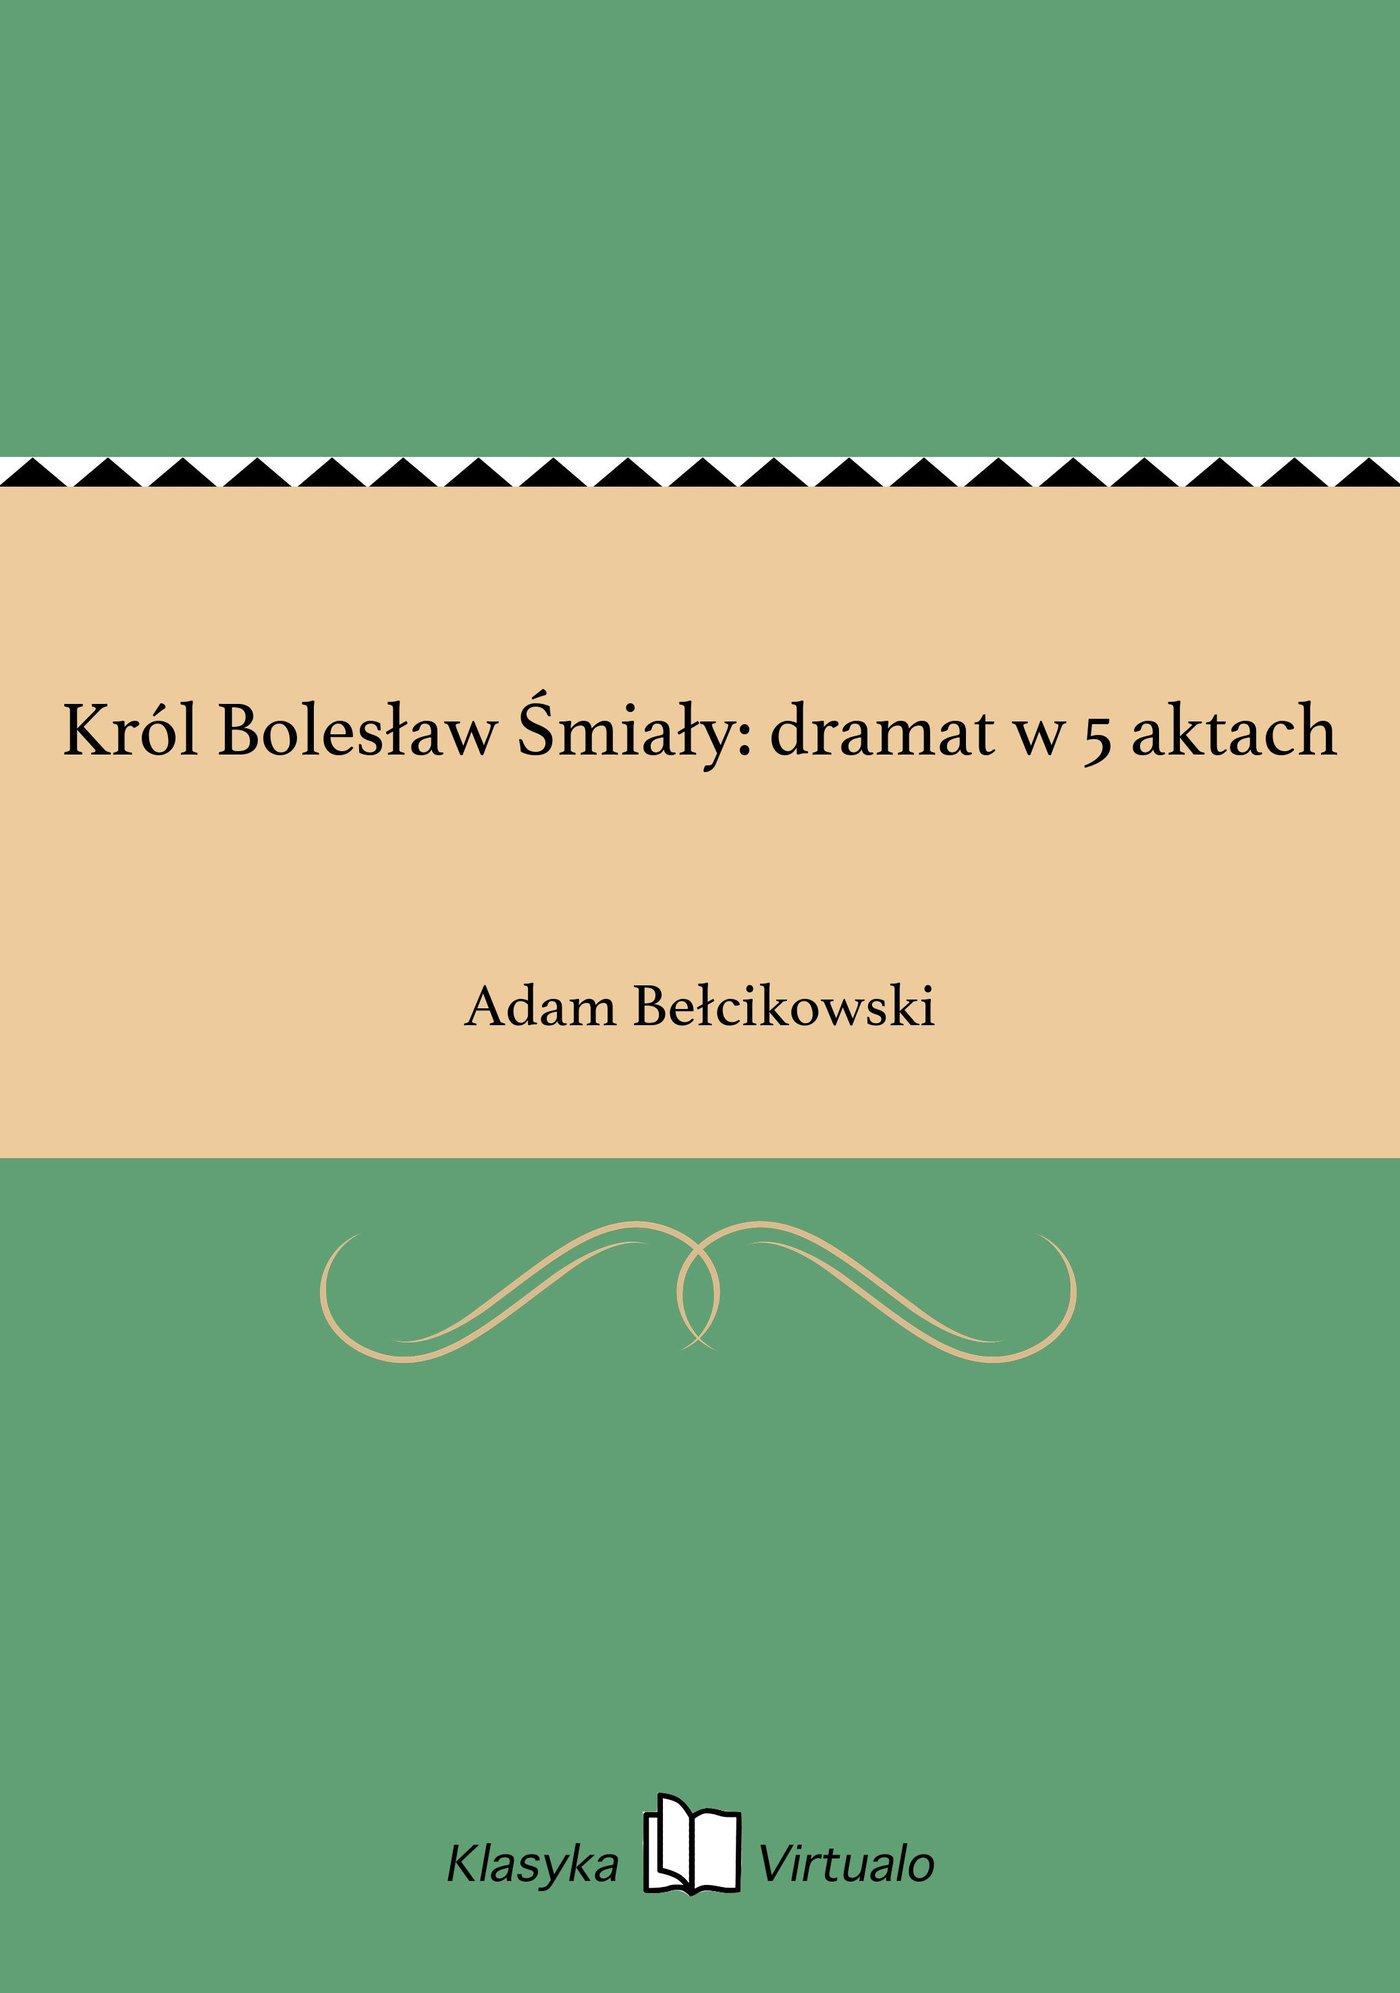 Król Bolesław Śmiały: dramat w 5 aktach - Ebook (Książka EPUB) do pobrania w formacie EPUB